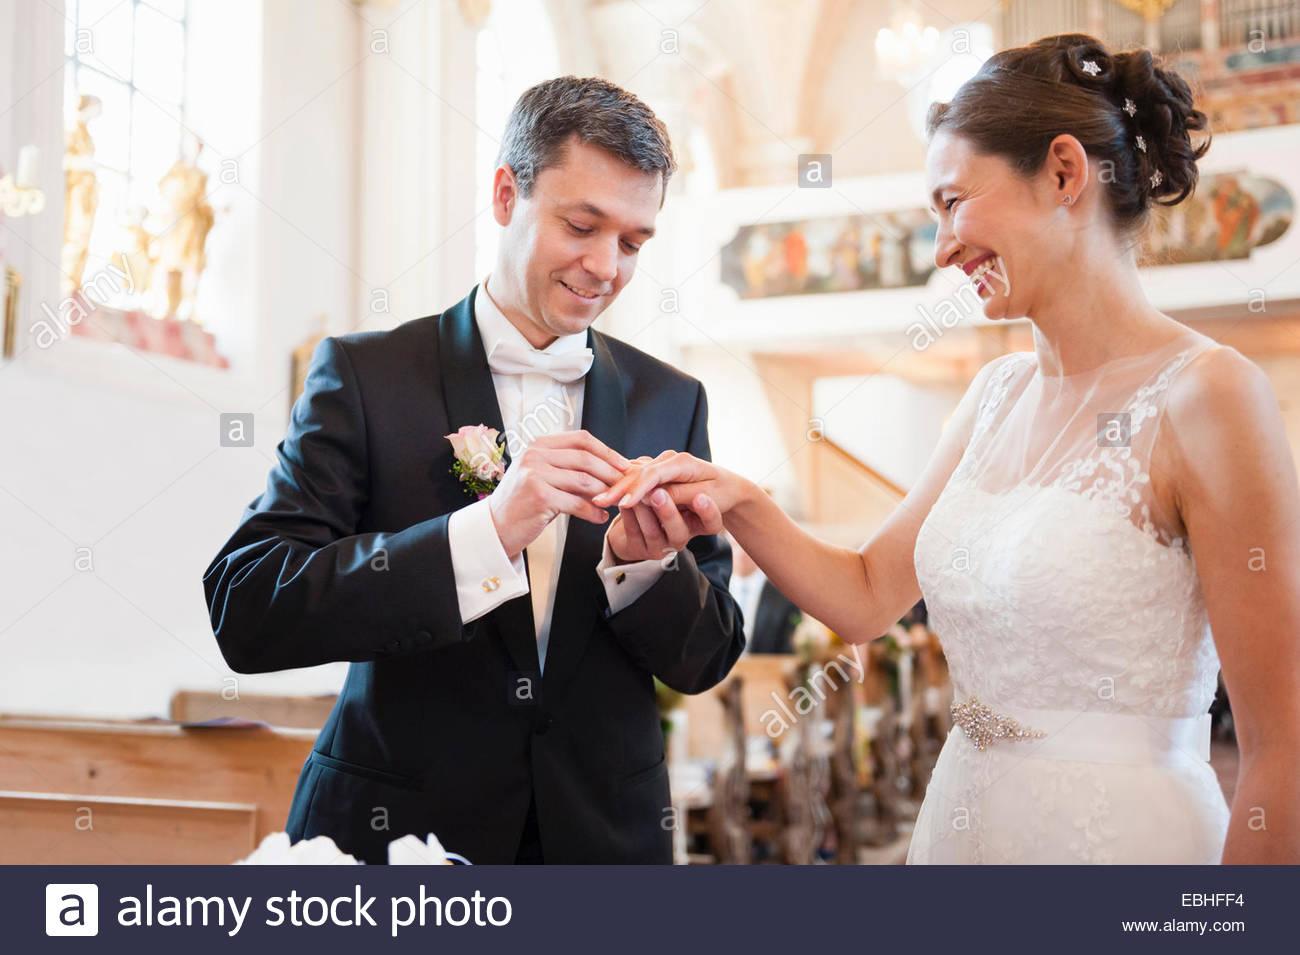 Bräutigam Platzierung Ehering am Finger der Braut in der Kirche Stockbild